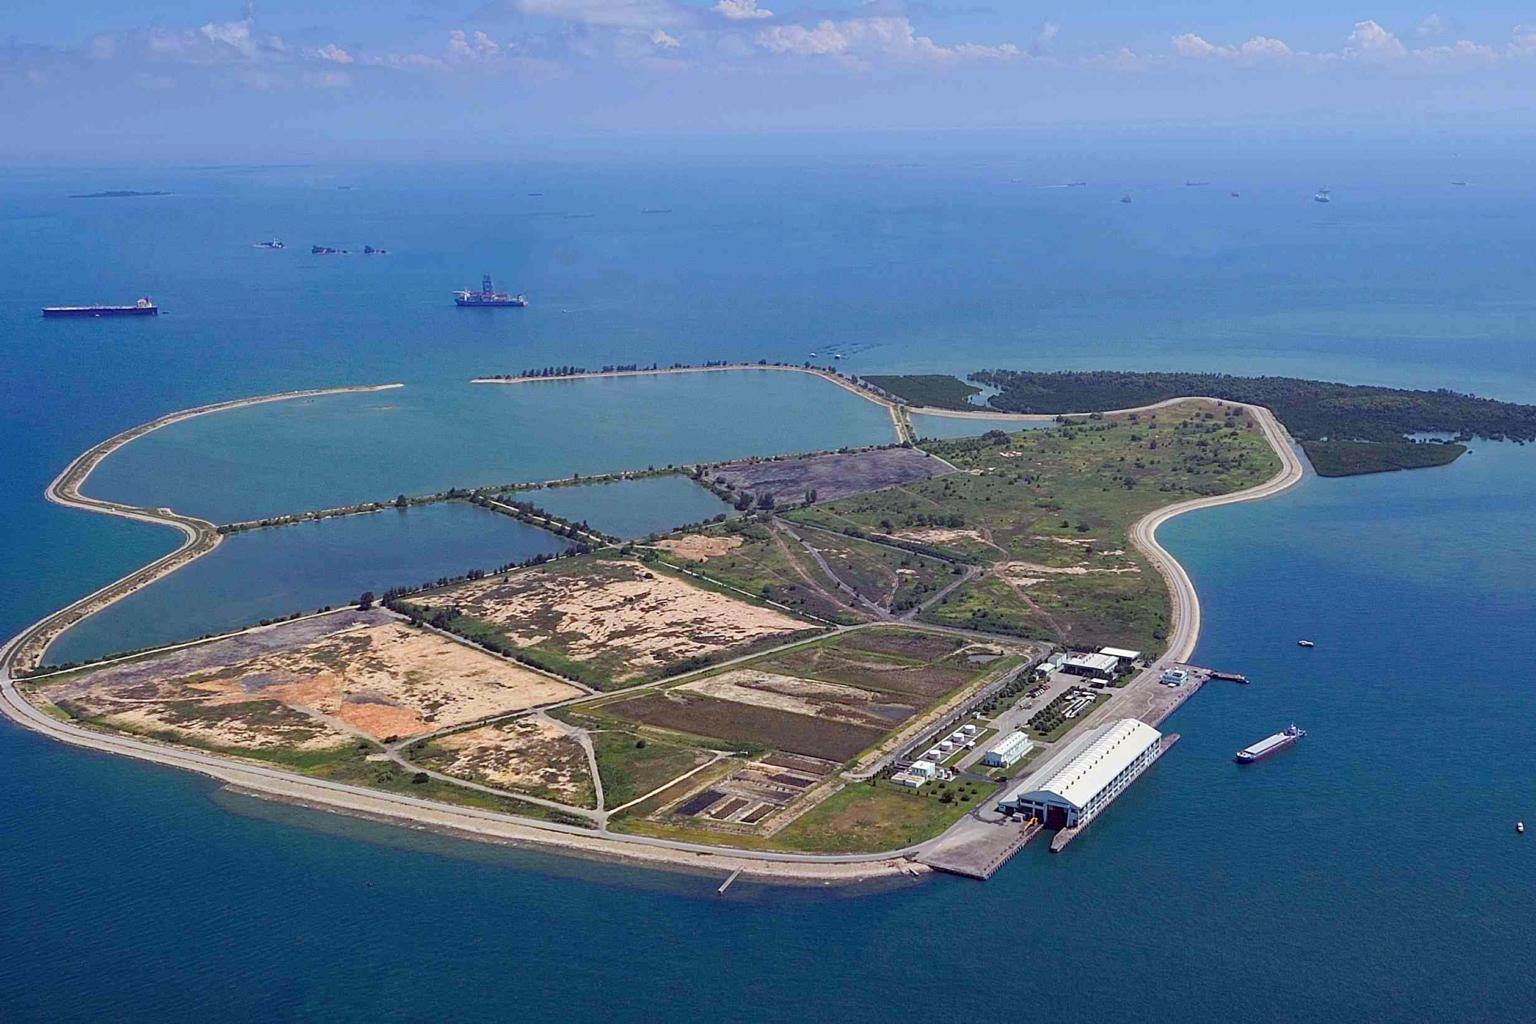 Đảo rác Semakau Landfill ở Singapore: Thiên đường xanh được xây trên rác thải